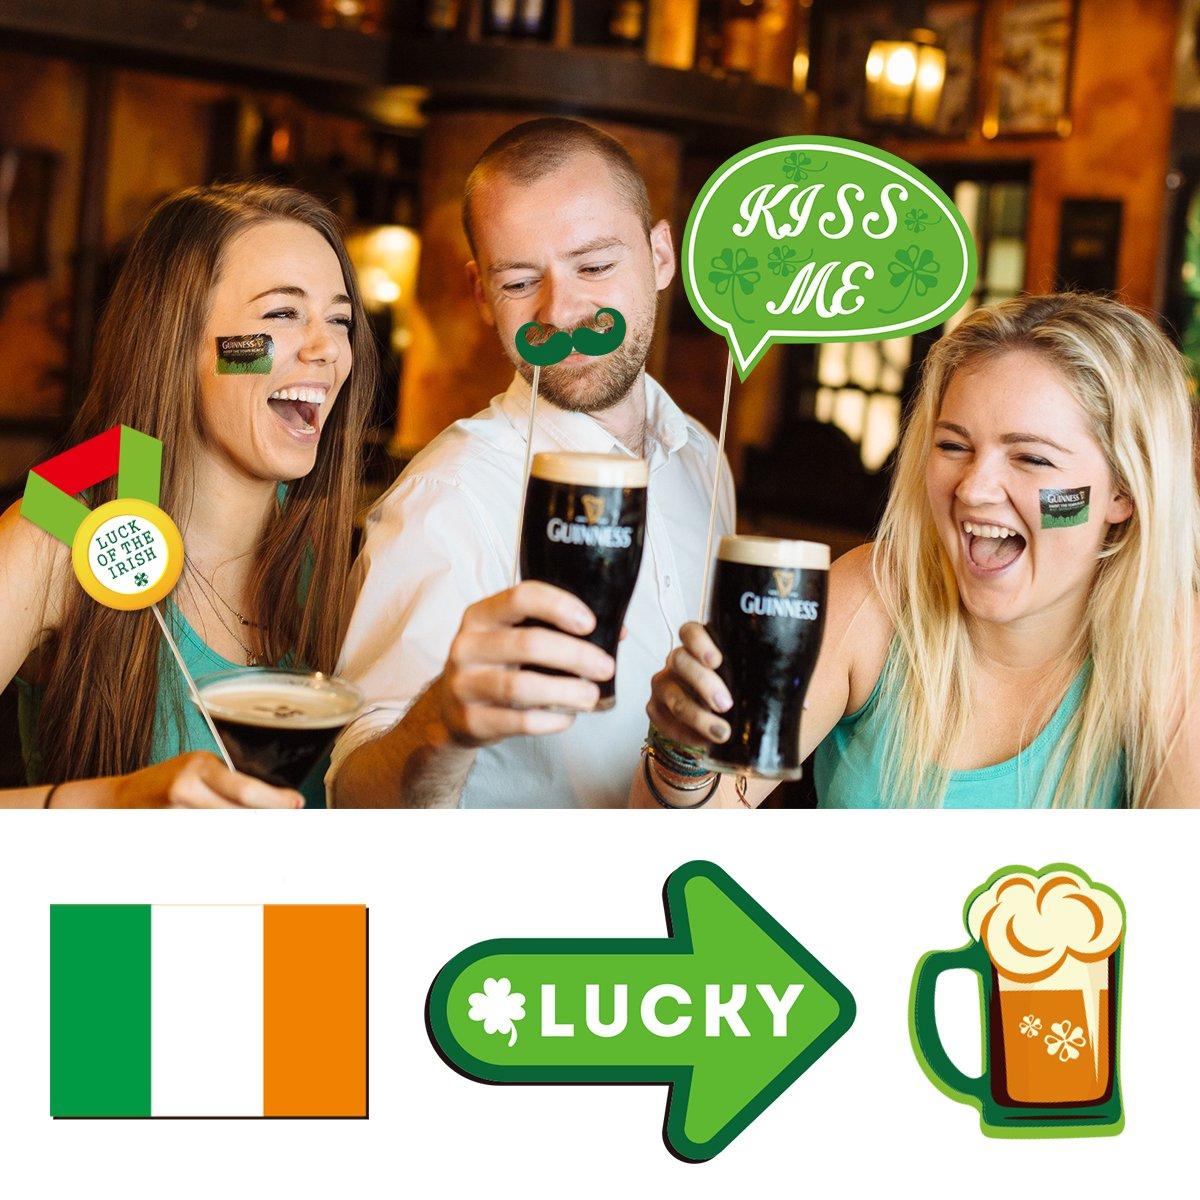 BESTOYARD St Patricks Photo Booth Props Feliz D/ía de San Patricio Decoraciones para fiestas Irland/és Shamrock Bigotes Gafas Tie Festival de la cerveza Apoyos Irland/és Decoraciones para fiestas 34PCS